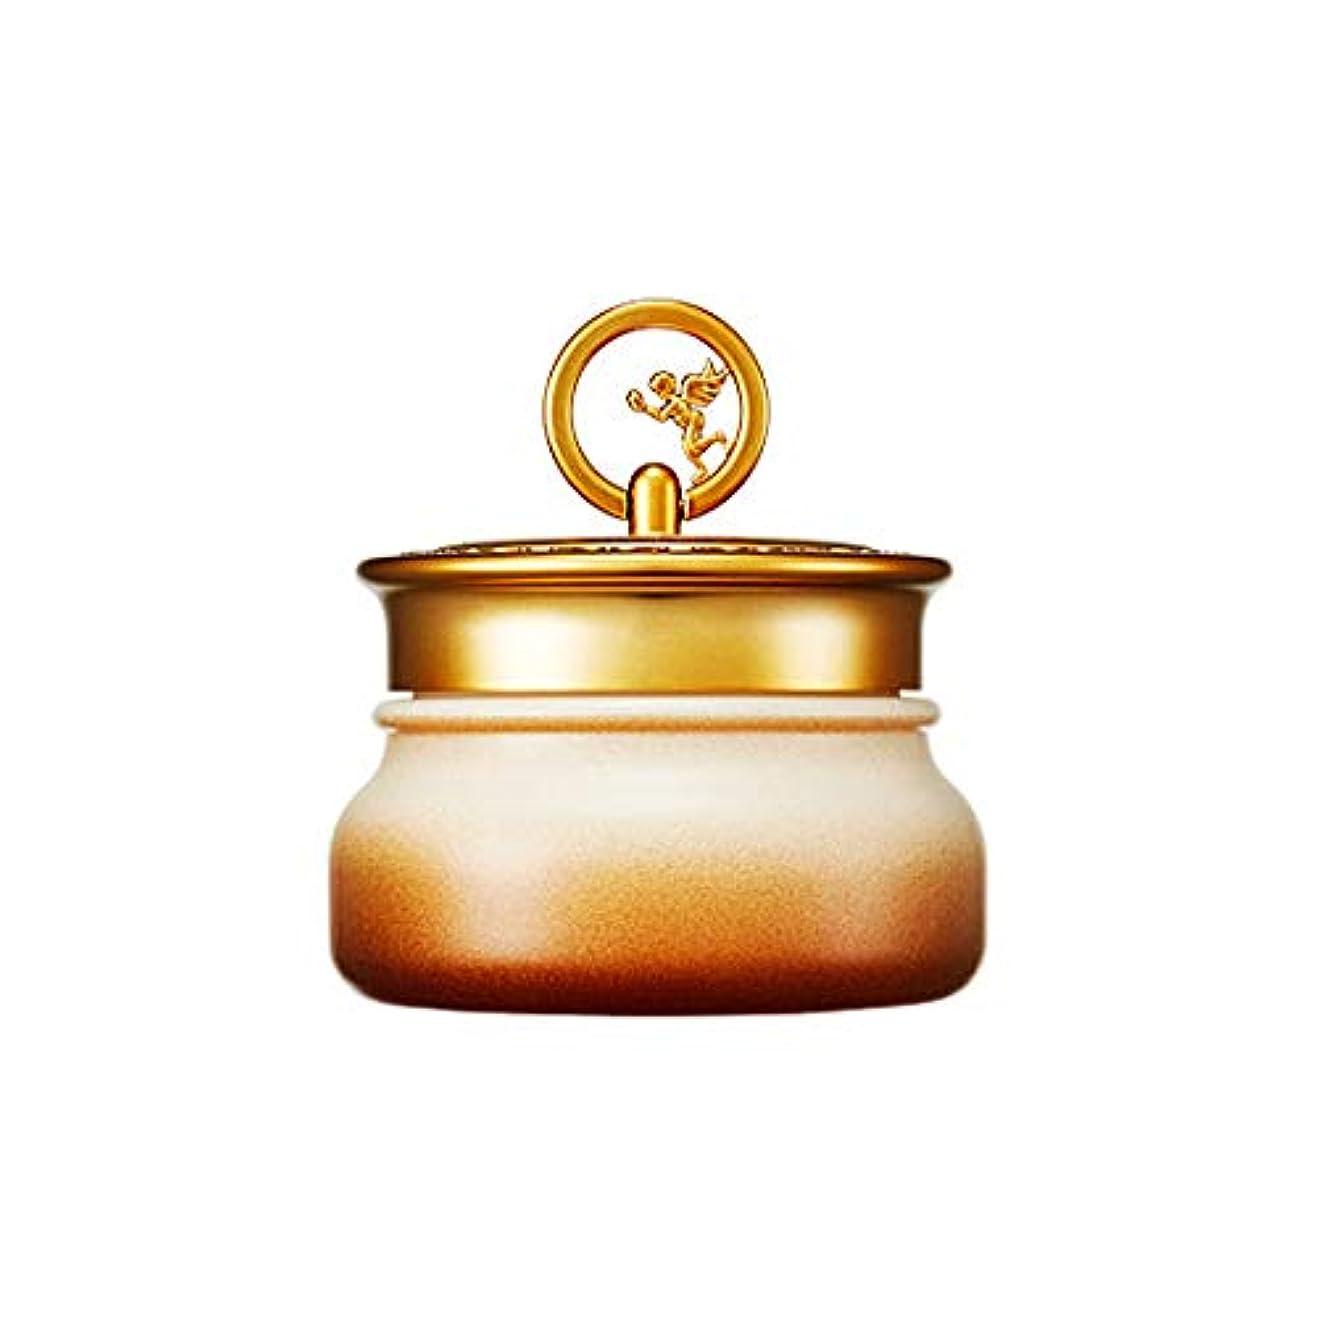 北極圏墓地列車Skinfood ゴールドキャビアクリーム(しわケア) / Gold Caviar Cream (wrinkle care) 45g [並行輸入品]